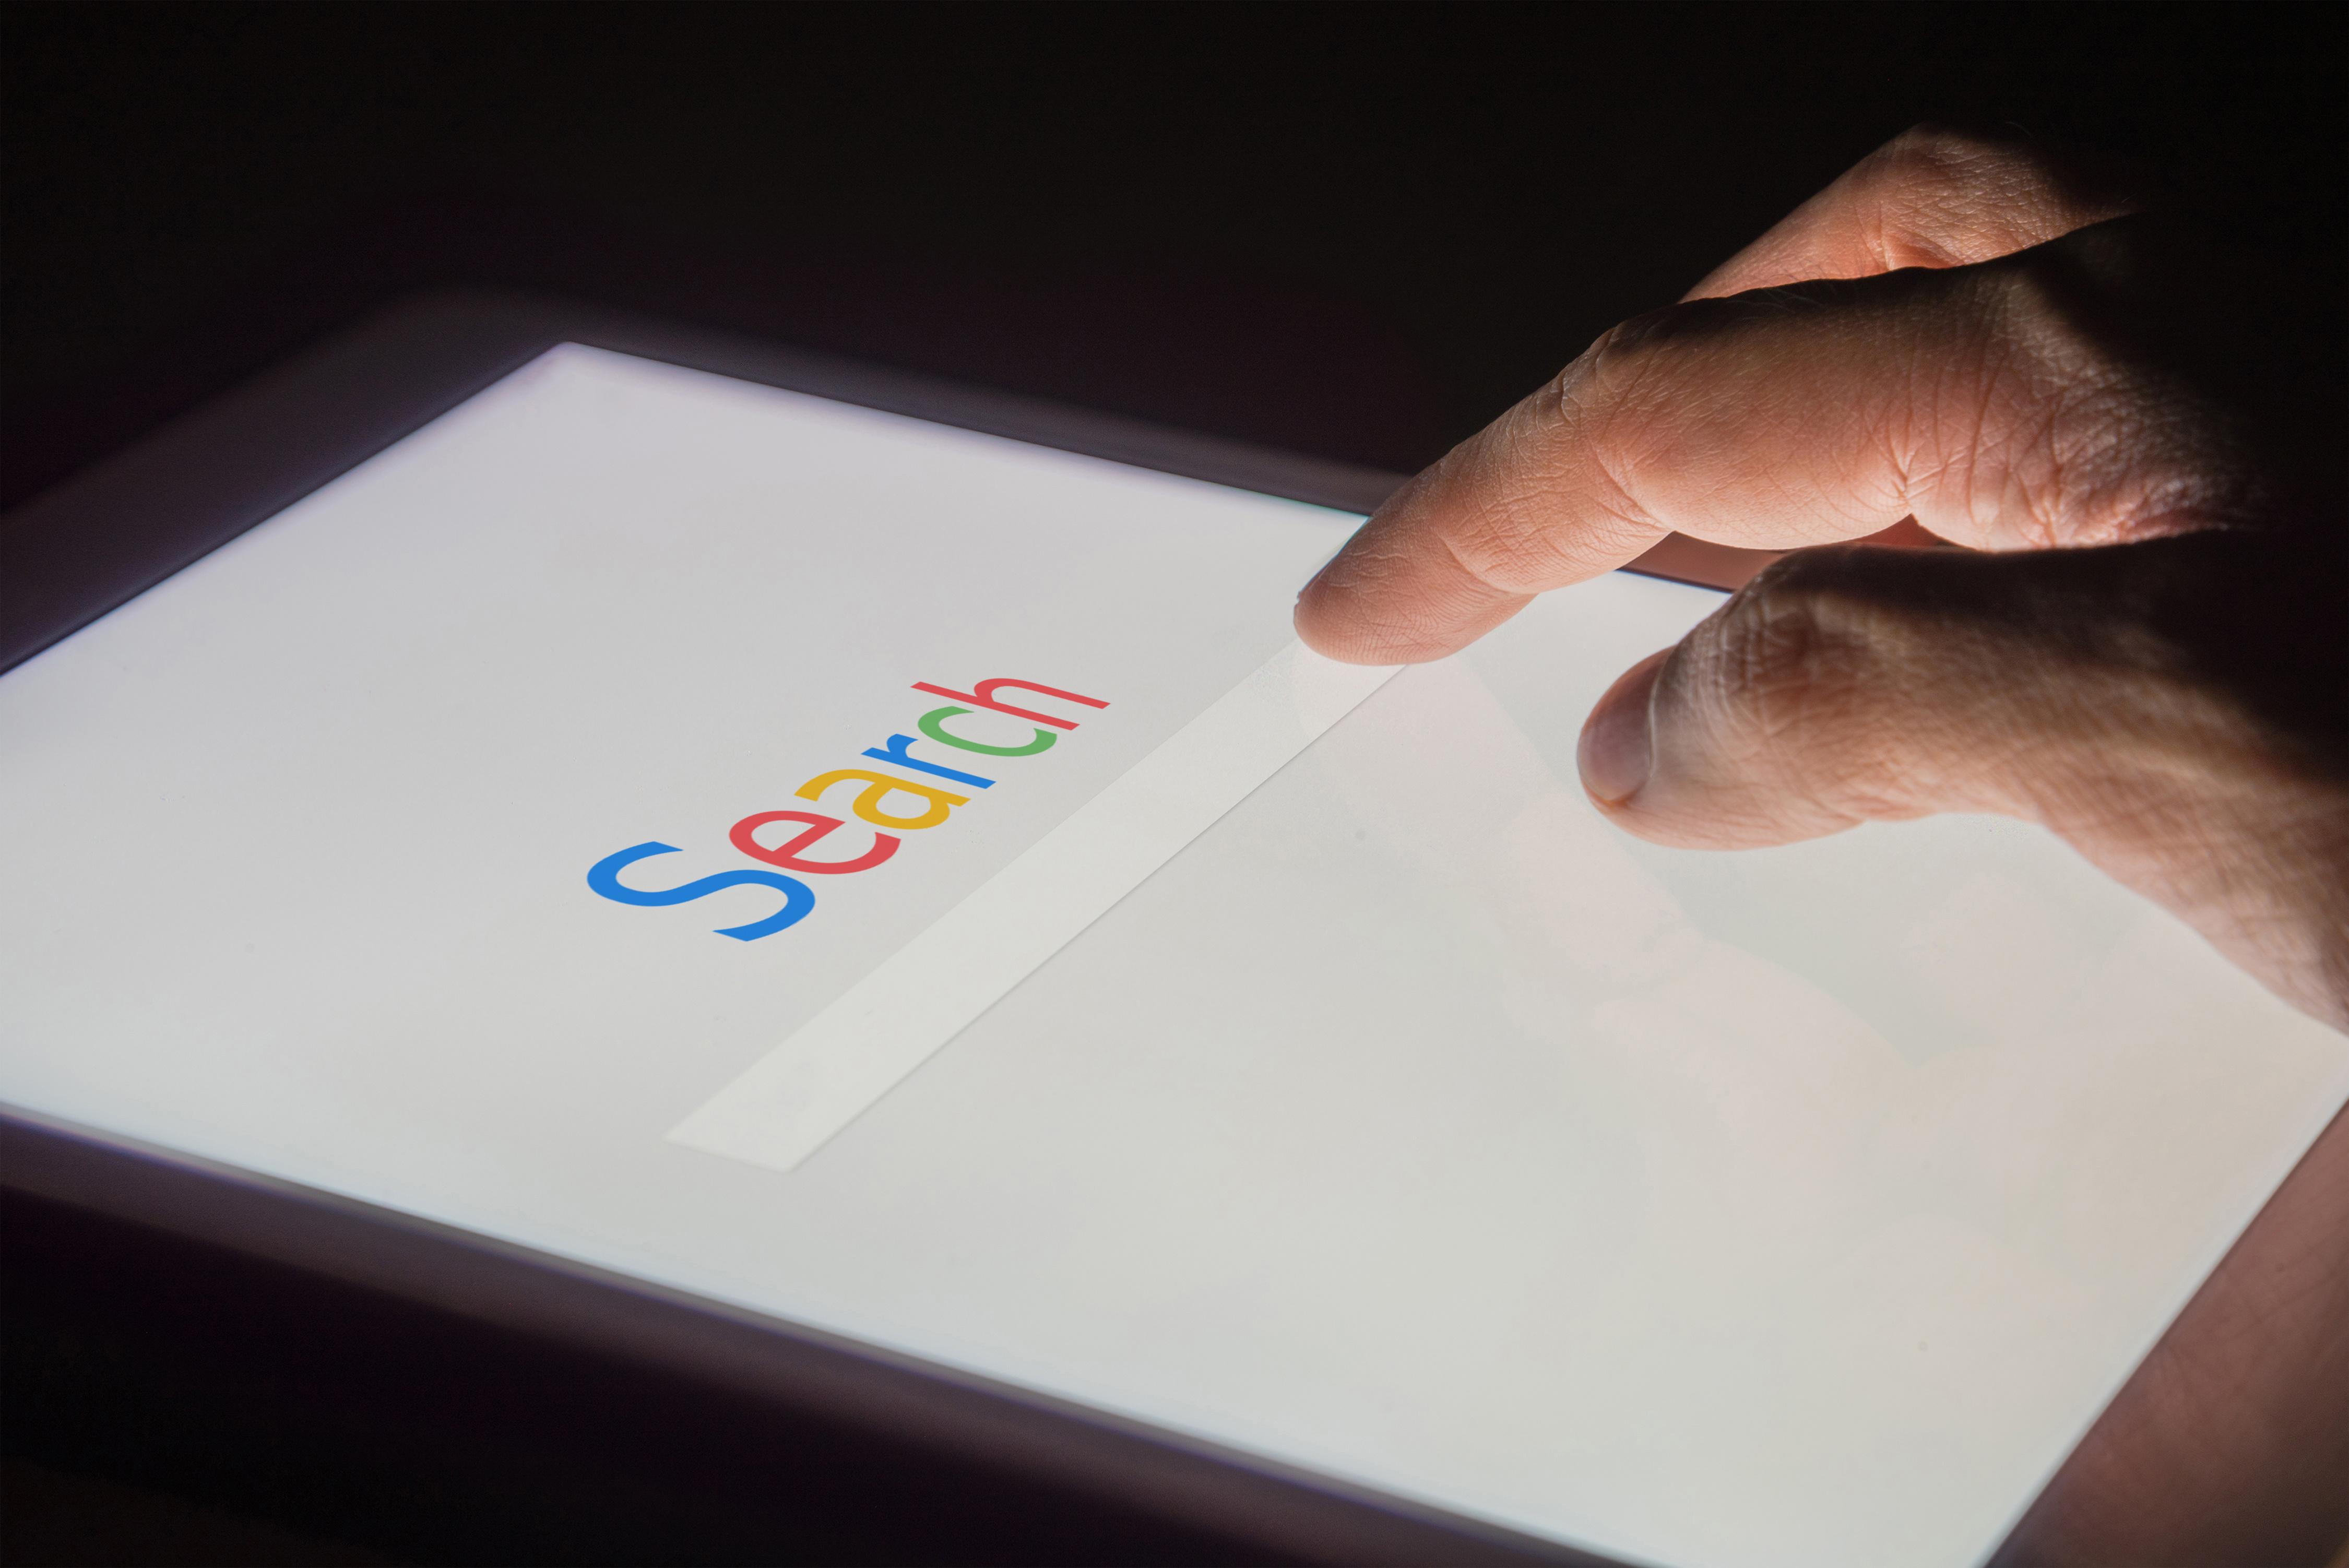 検索エンジンの検索窓